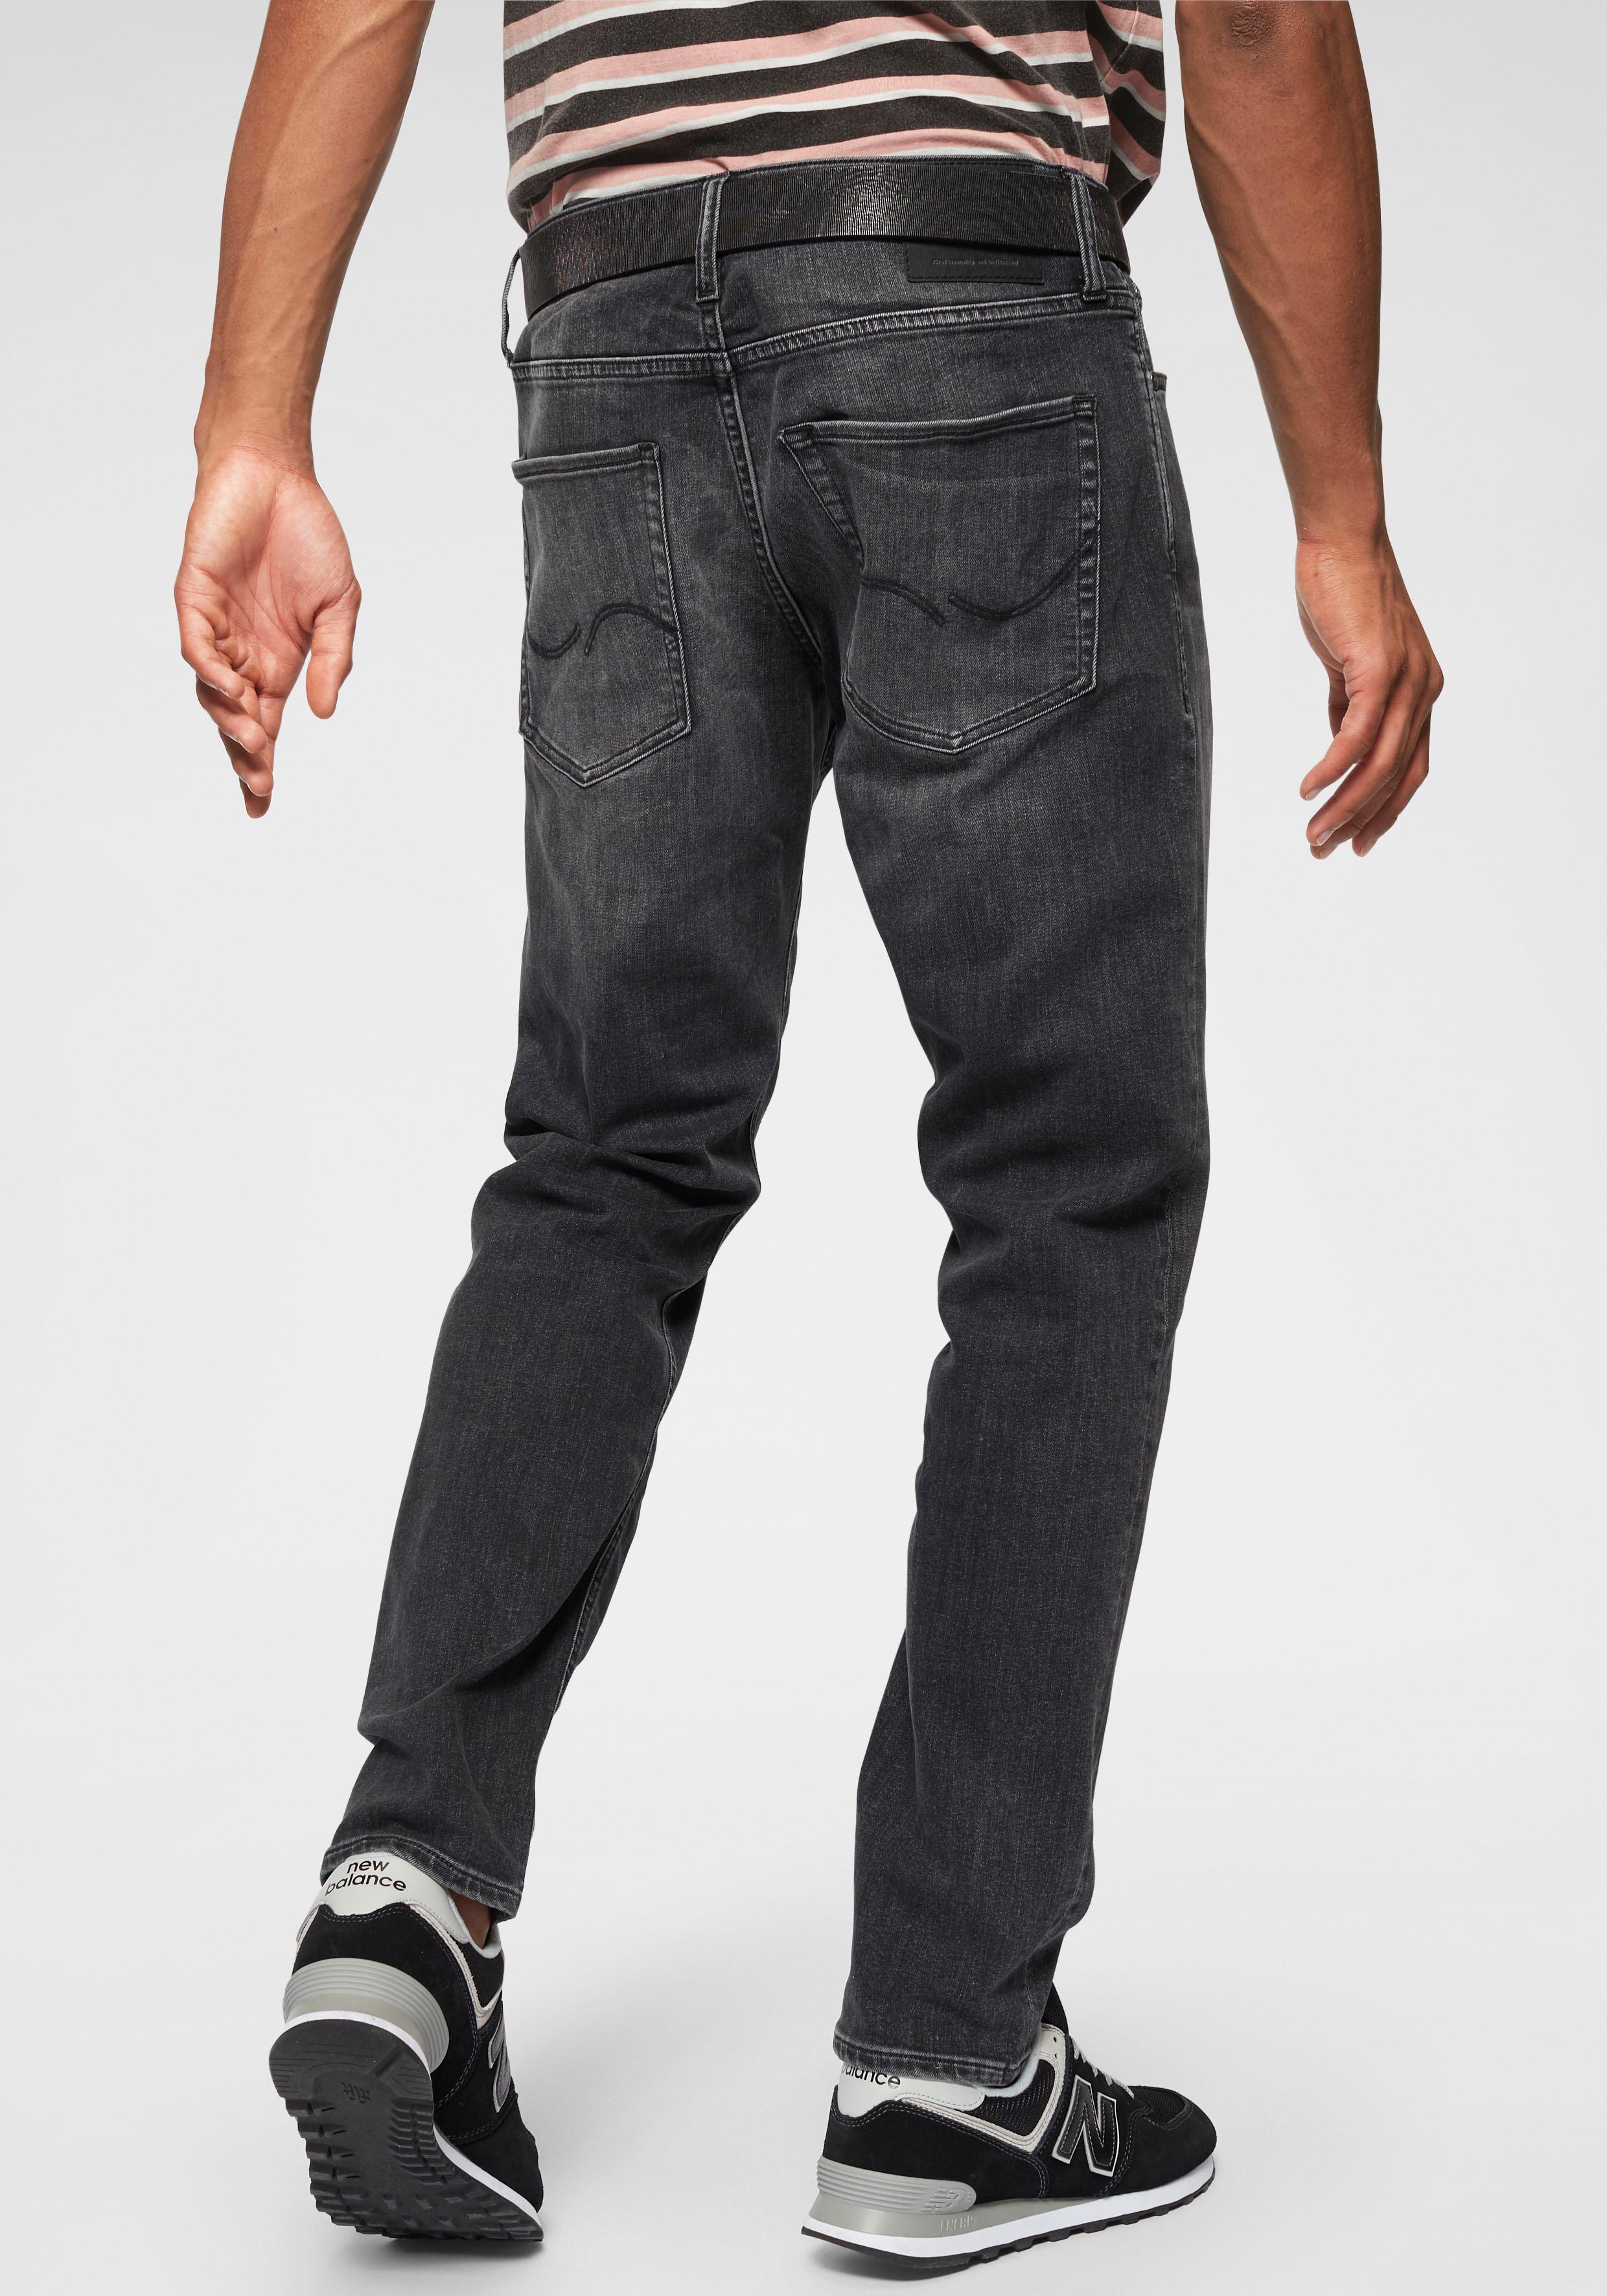 speical offer pretty nice online for sale Jack & Jones Comfort-fit-Jeans »Mike« im Onlineshop » BAUR